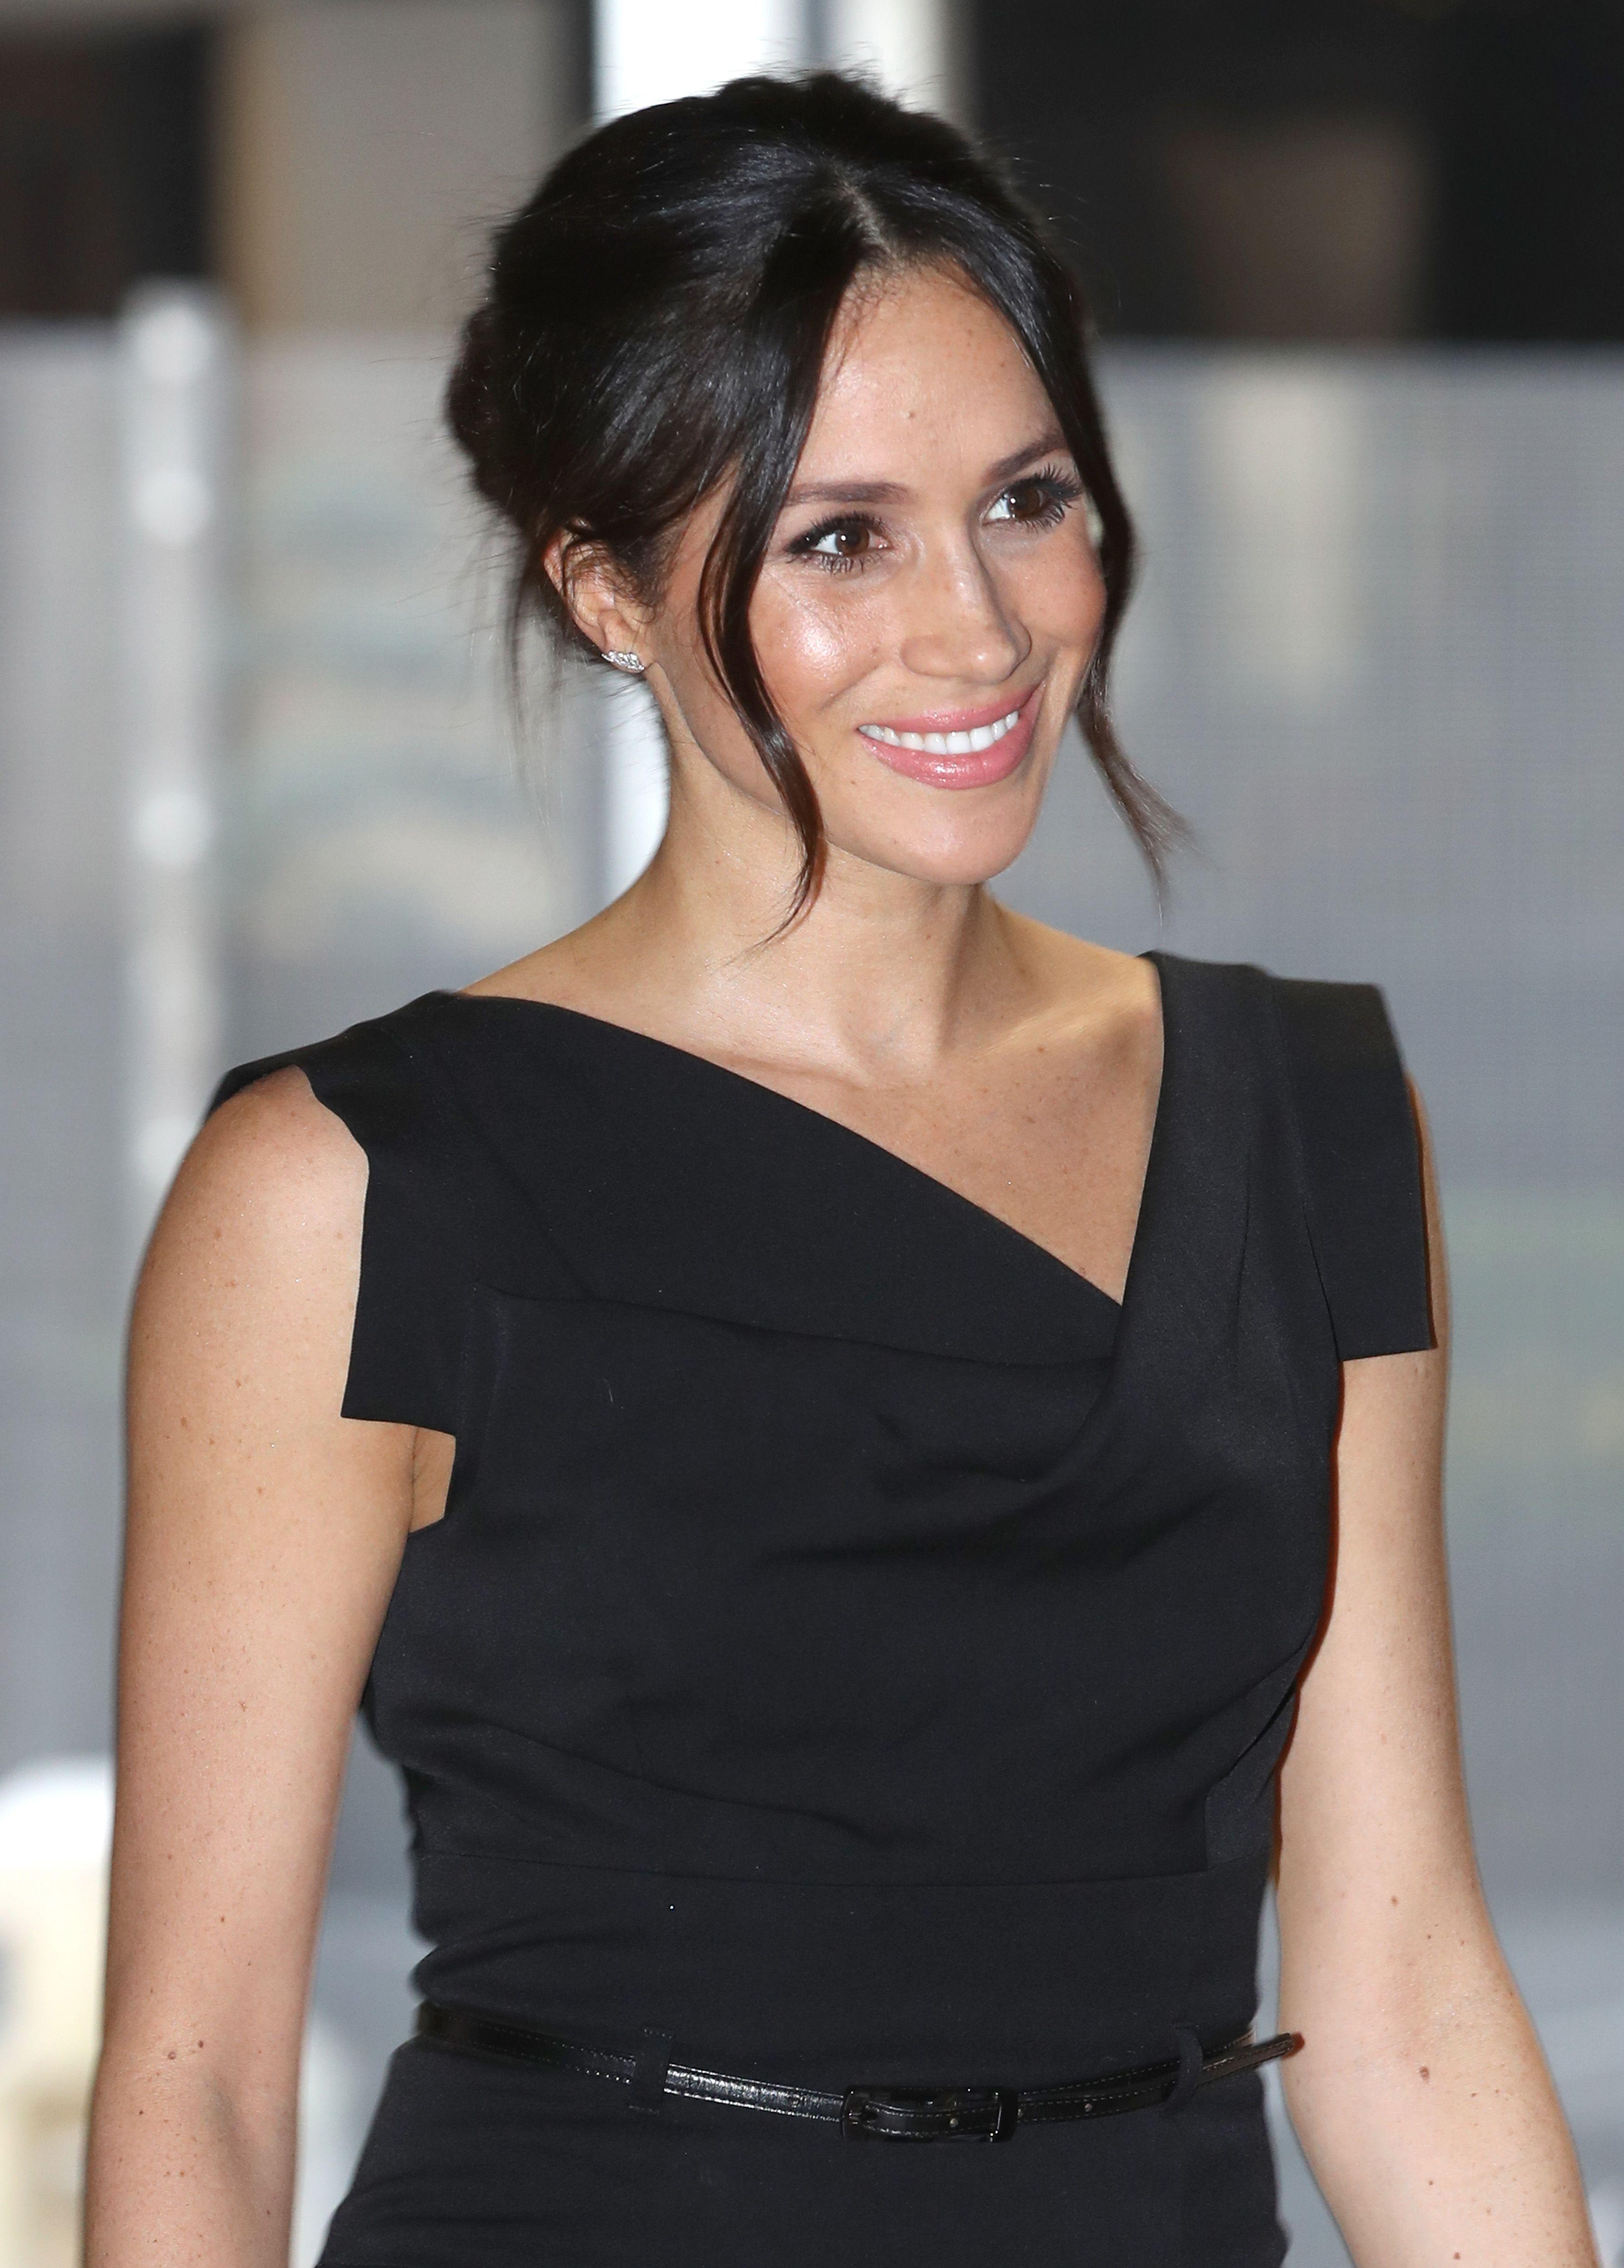 a95b7310091 Meghan Markle wears Jackie O dress to Women s Empowerment reception in  London